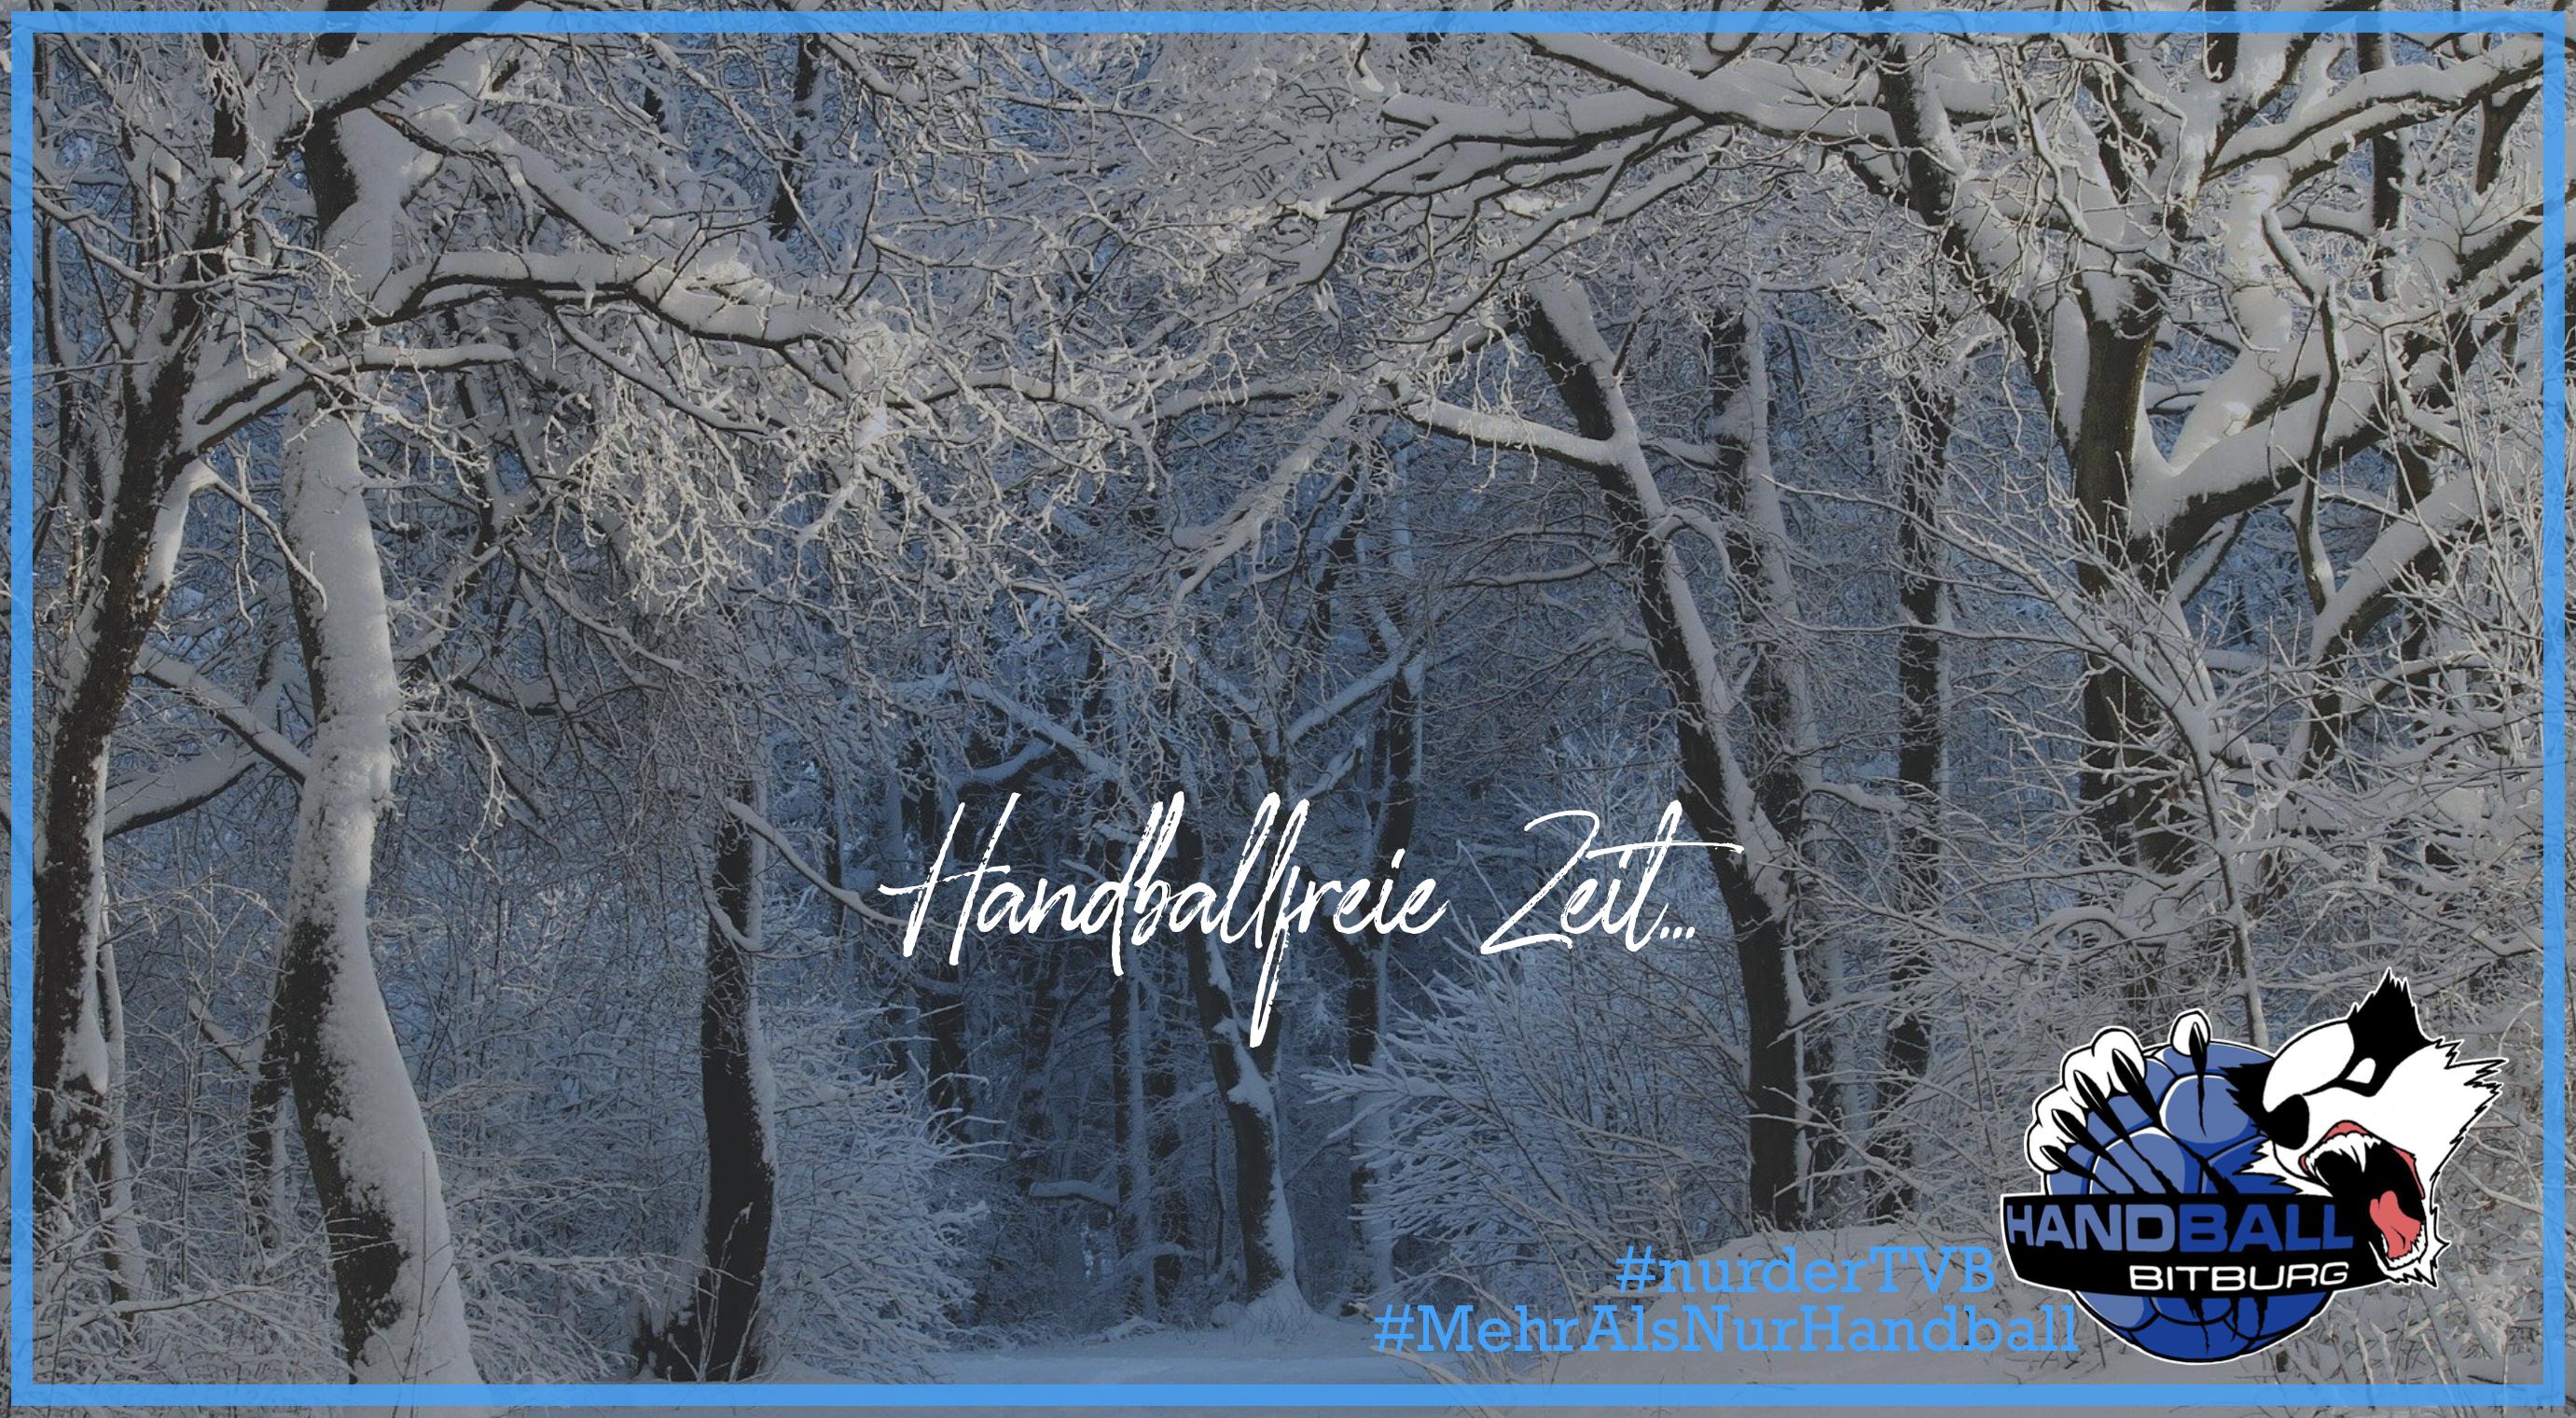 Winterzeit ist handballfreie Zeit…